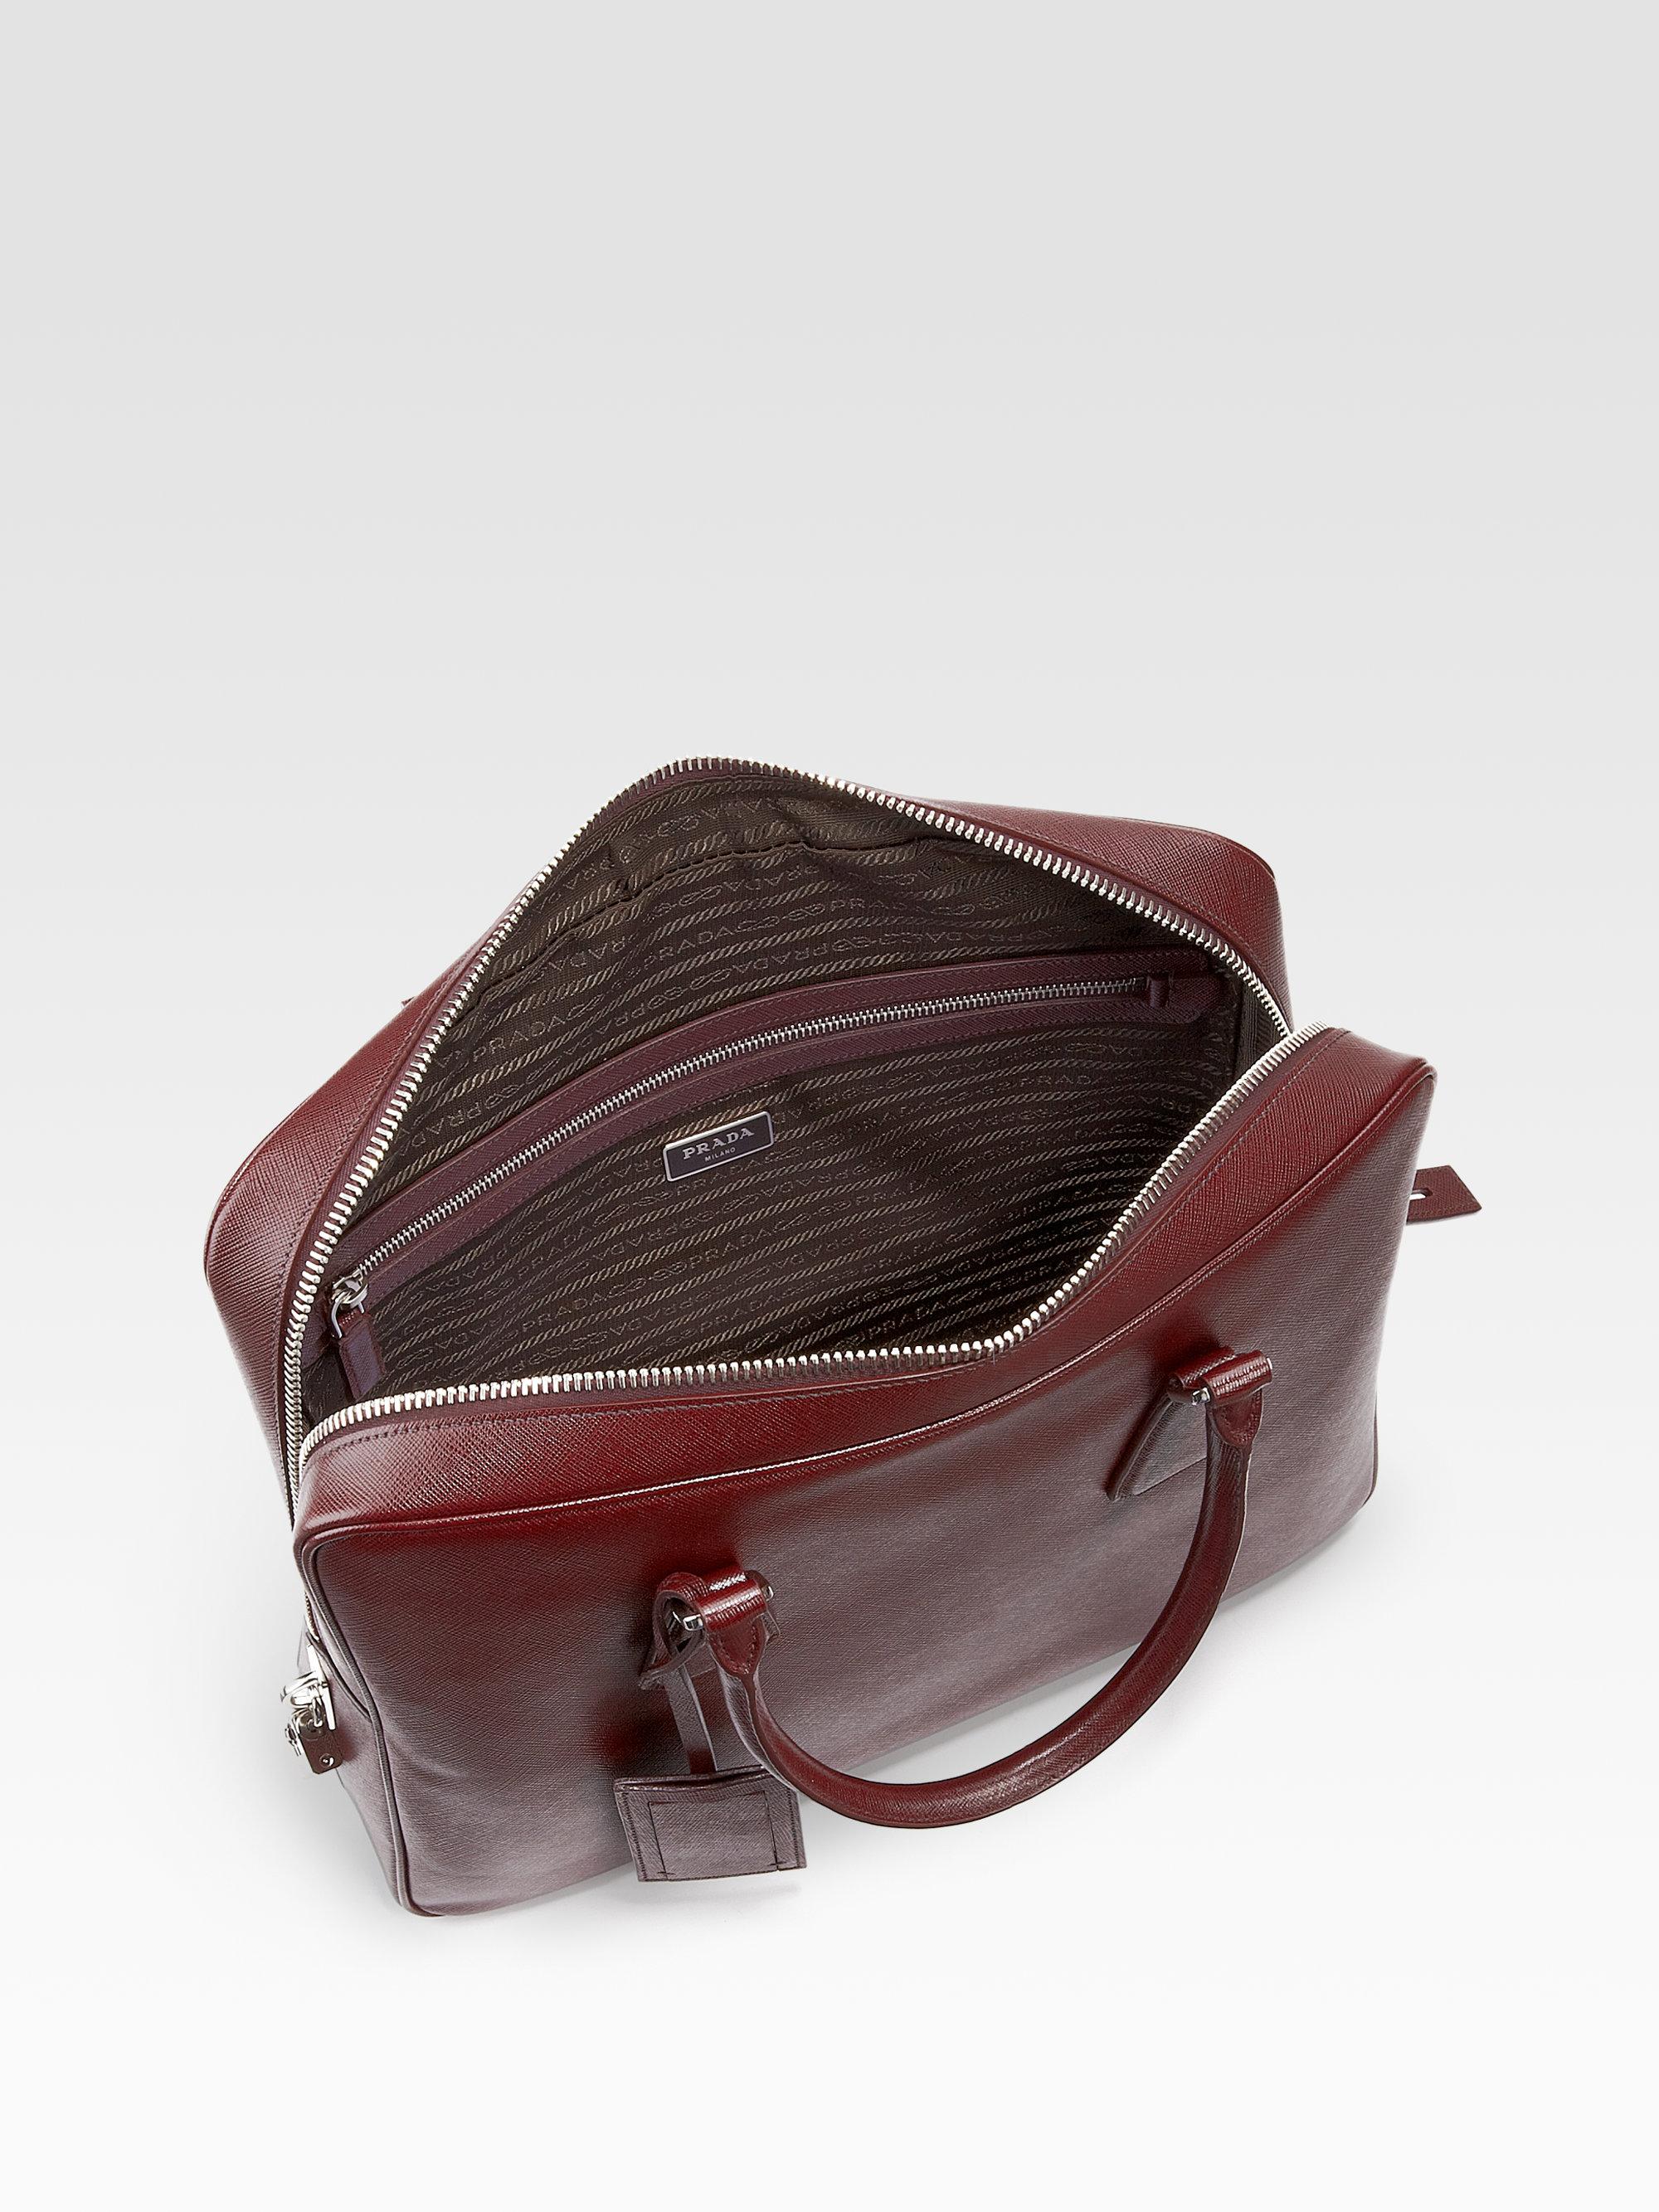 prada handbags cheap - Prada briefcase cocoa brown